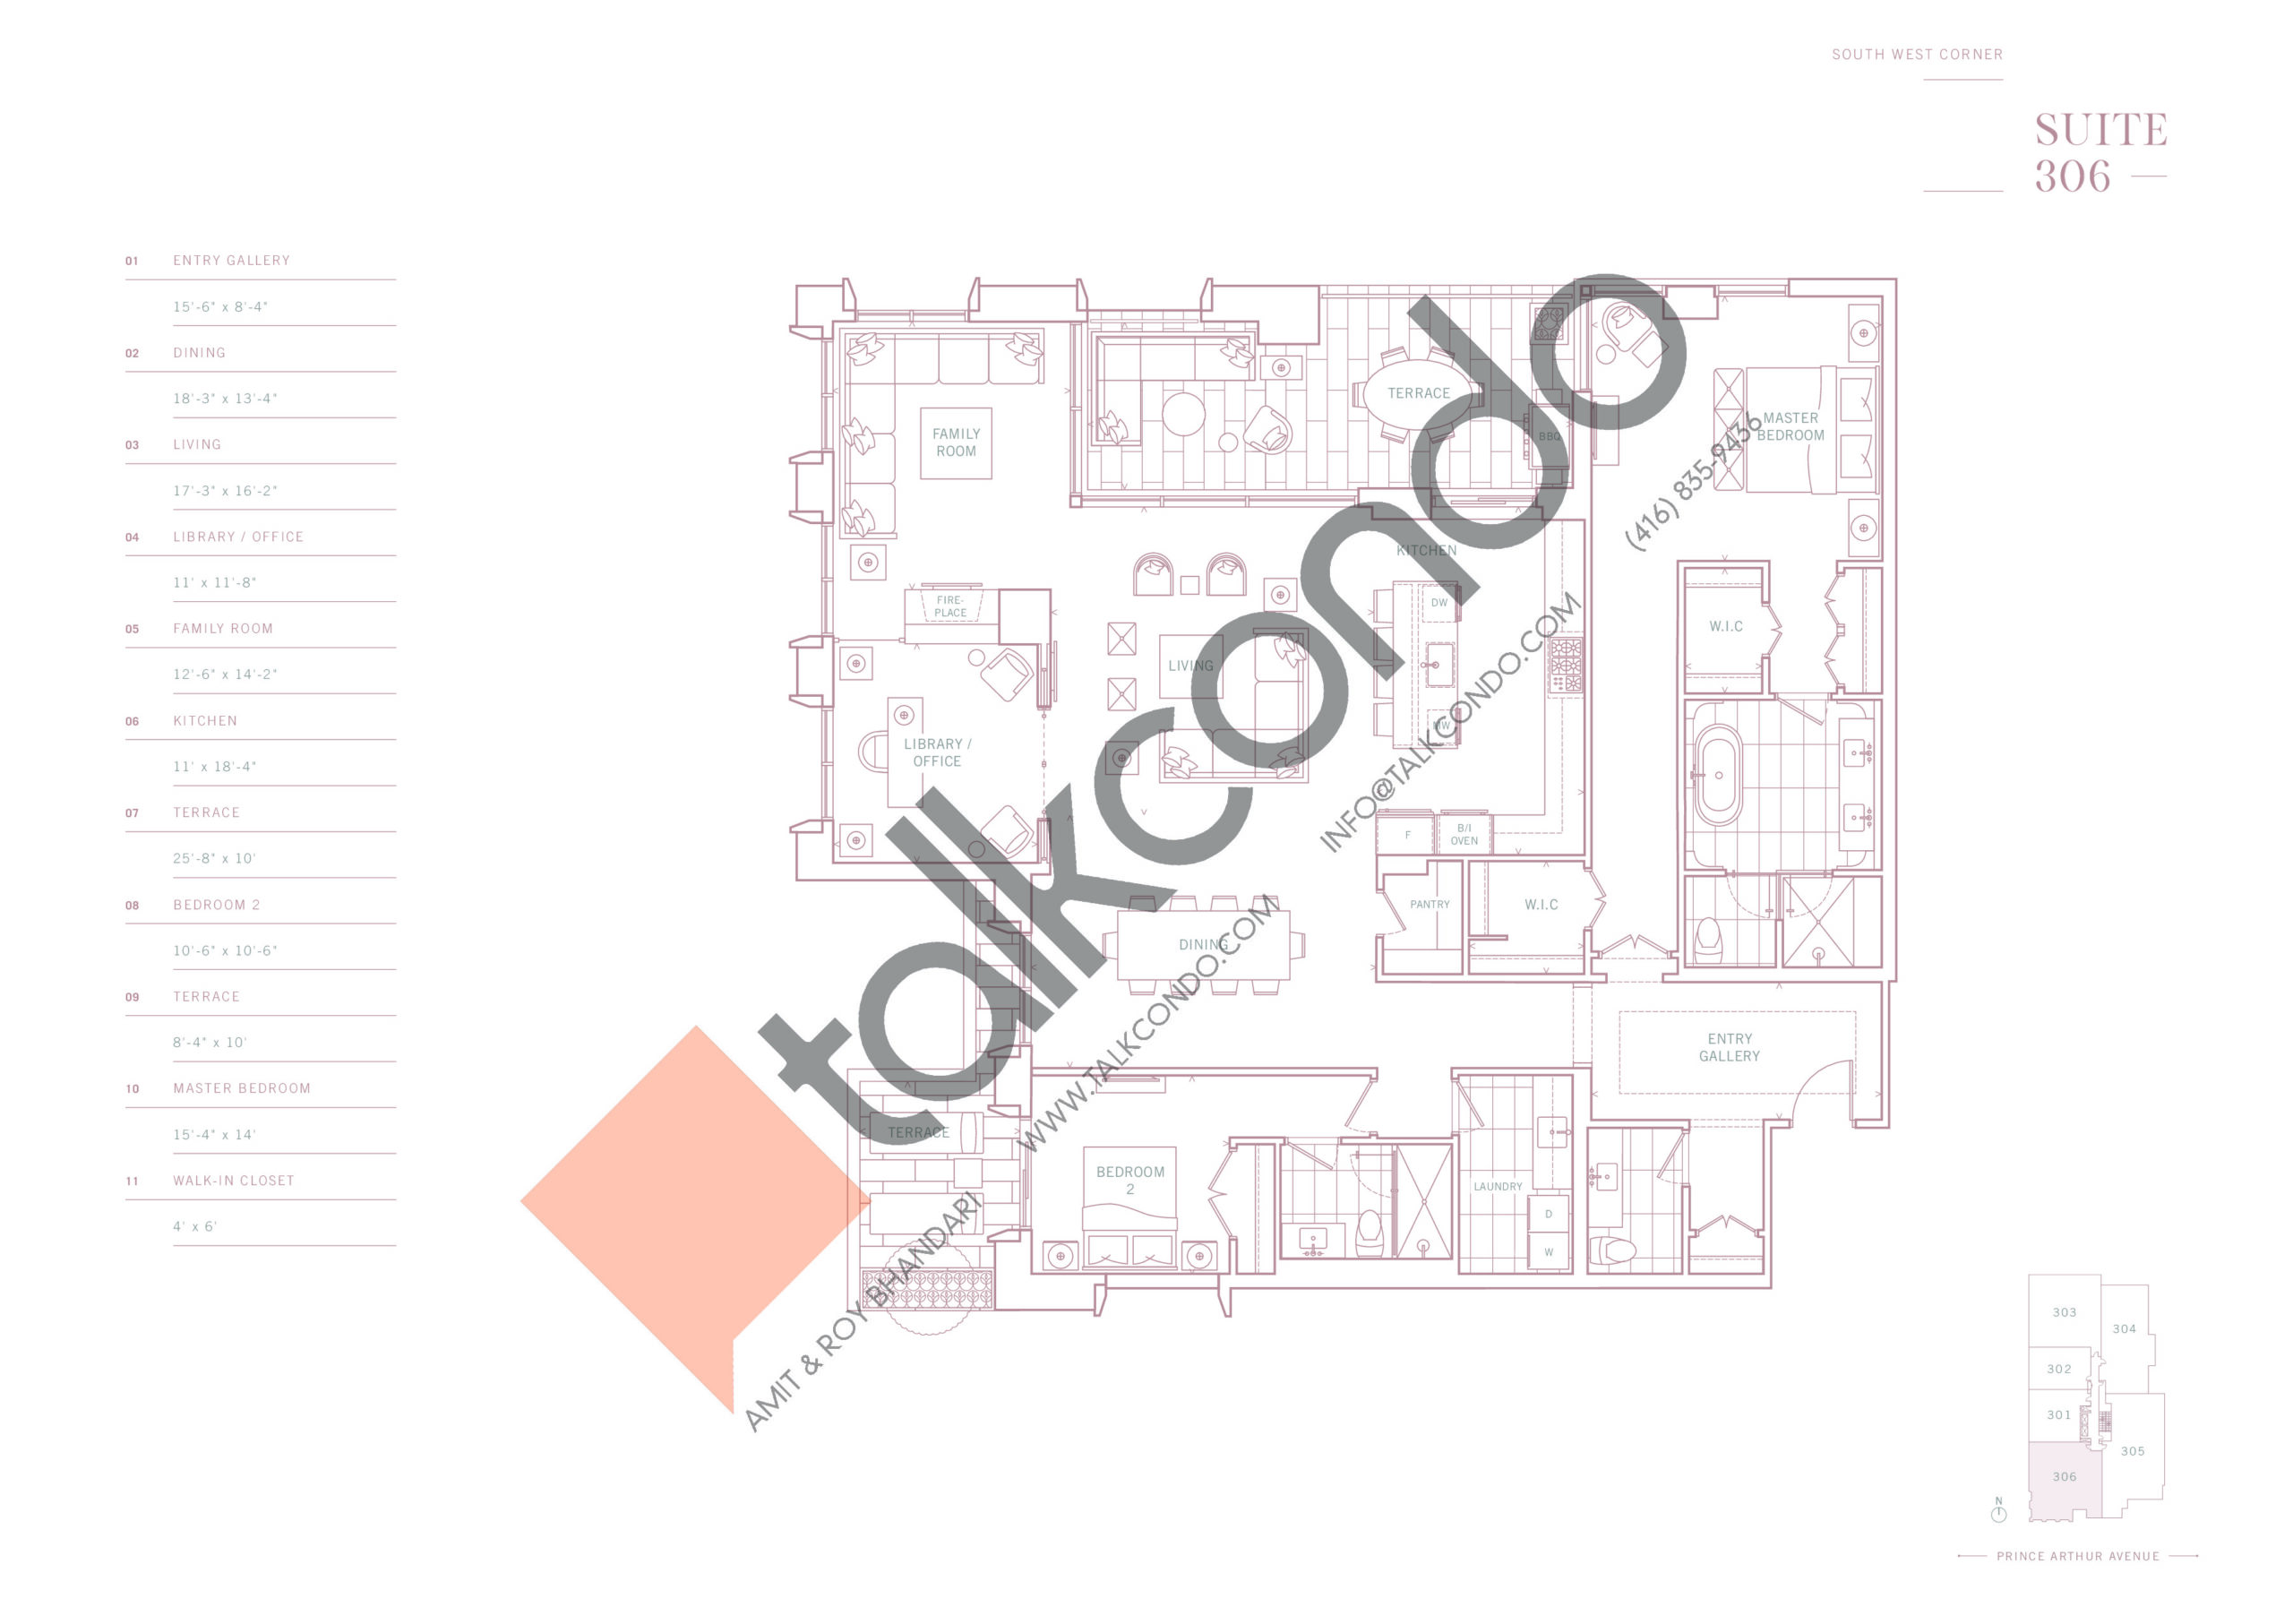 Suite 306 Floor Plan at 10 Prince Arthur Condos - 2486 sq.ft